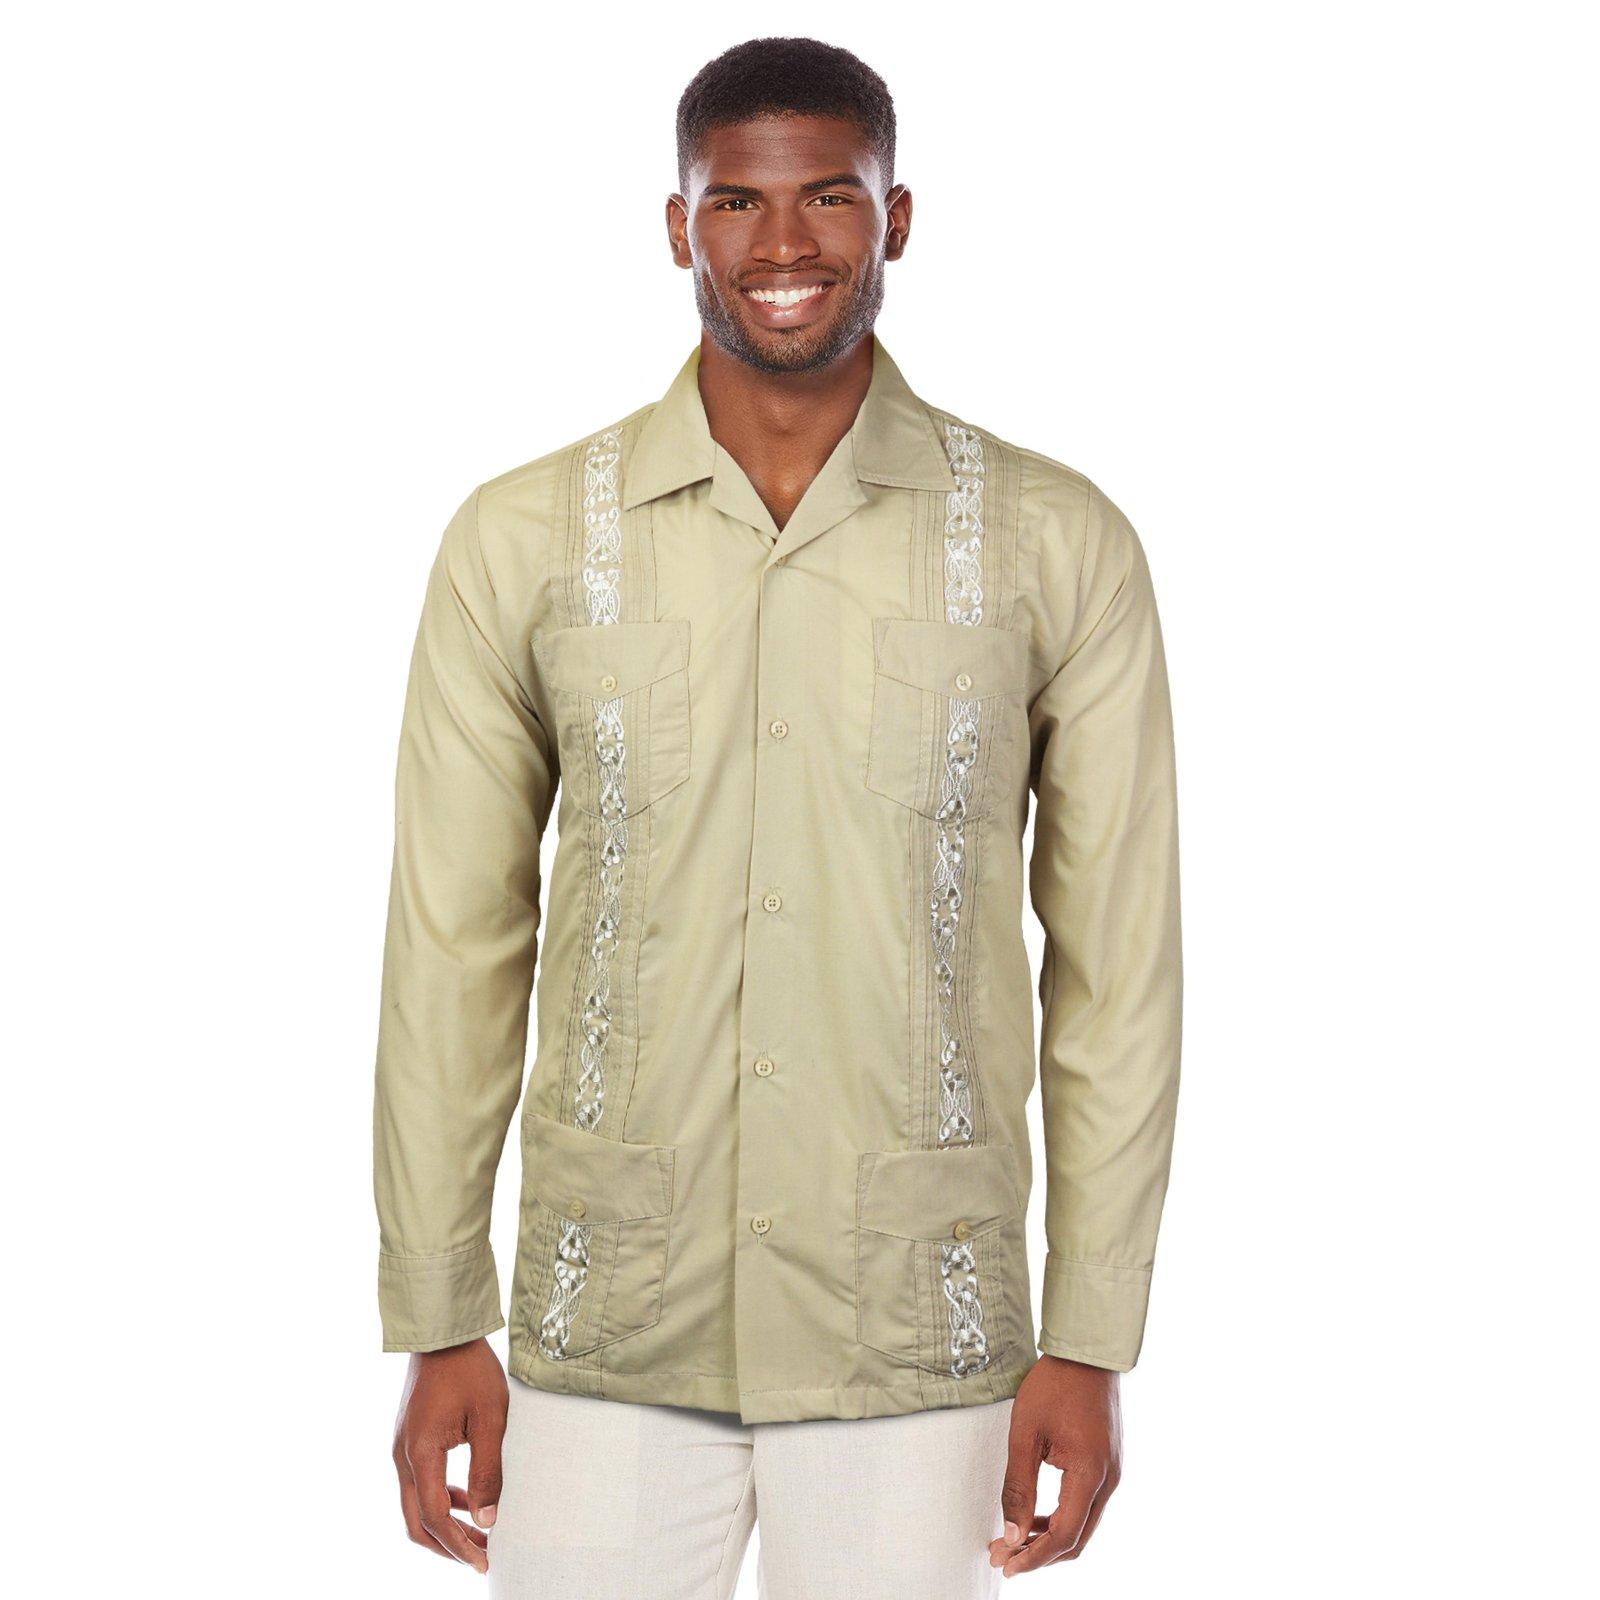 Maximos USA Guayabera Men's Cuban Beach Wedding Long Sleeve Button-up Casual Dress Shirt (Beige, Large)